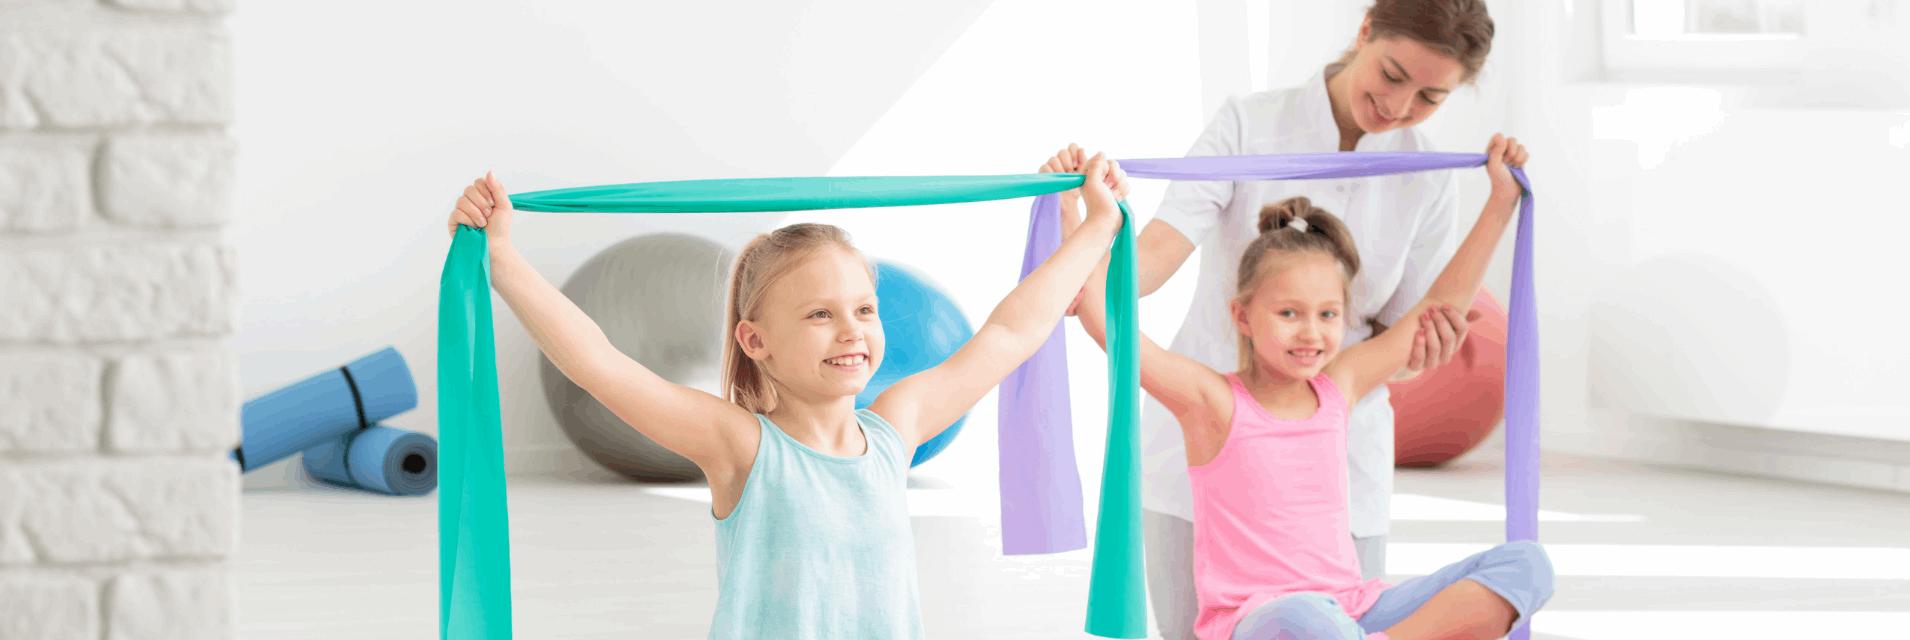 dzieci na gimnastyce korekcyjnej